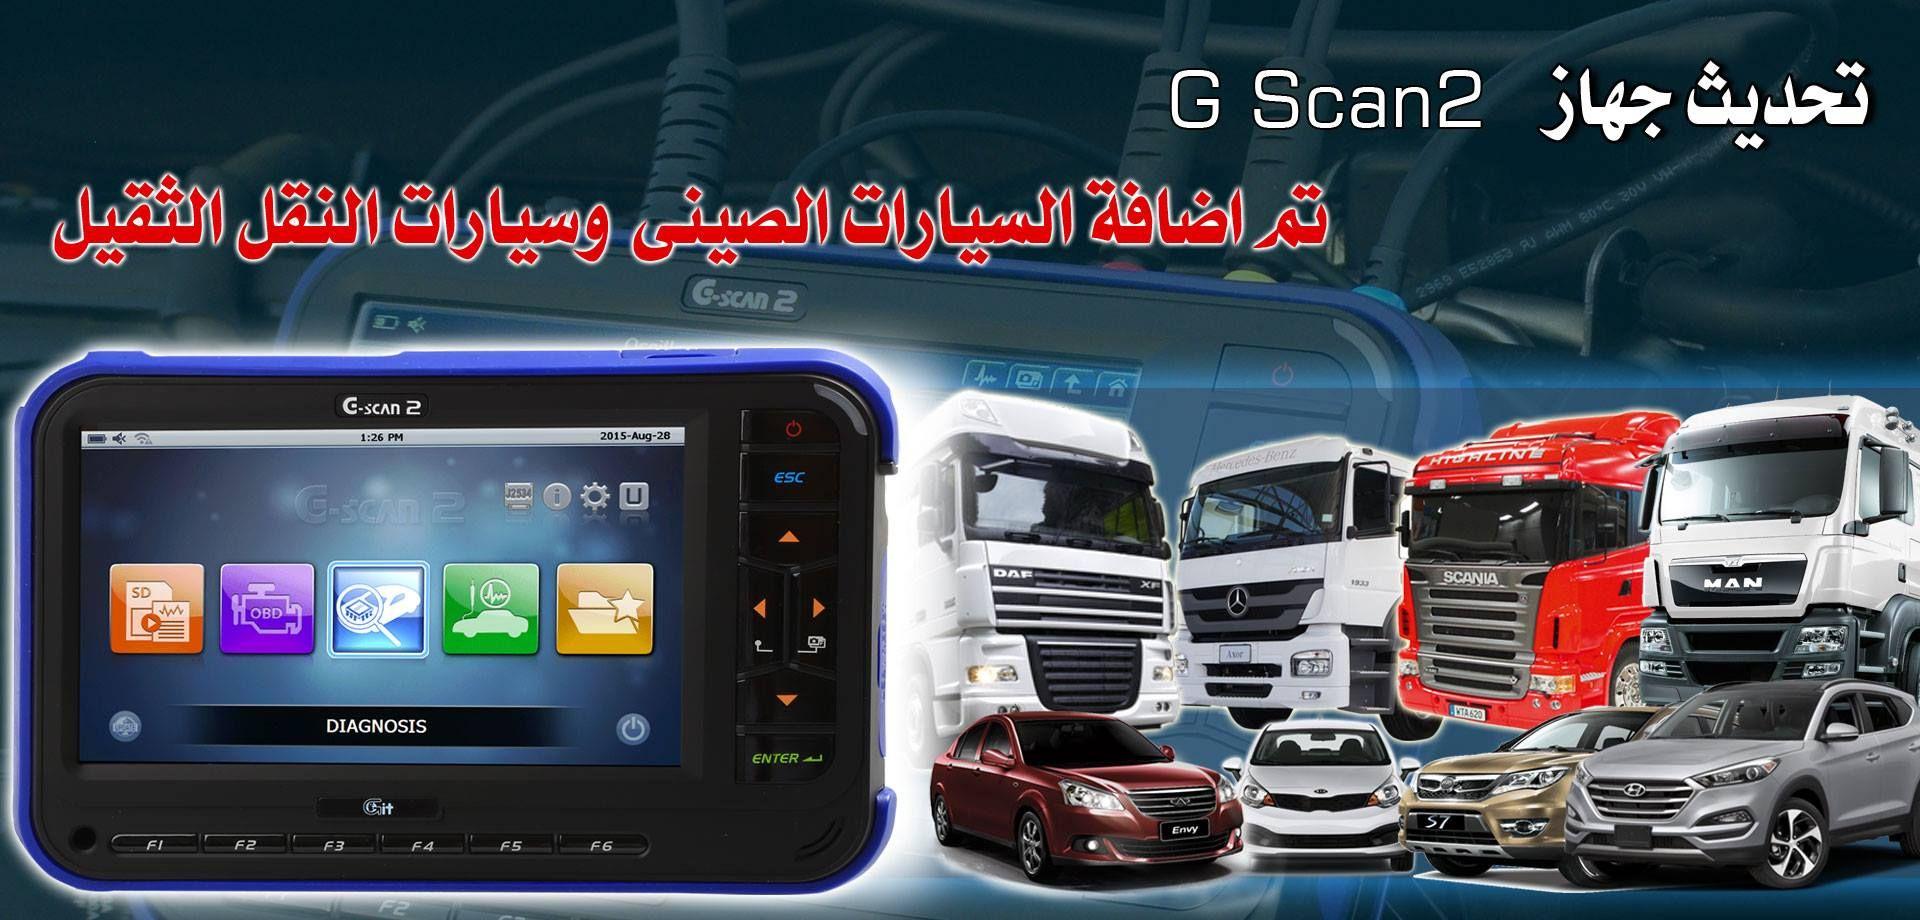 اعلان هام جدا خاص بتحديث اجهزة Gscan1 Gscan2 ارخص سعر للتحديث في مصر لأول مرة التحديث بالتقسيط بدون مقدم وعلي 6 شهور وبدون فوائد 1 Car Radio Radio Car